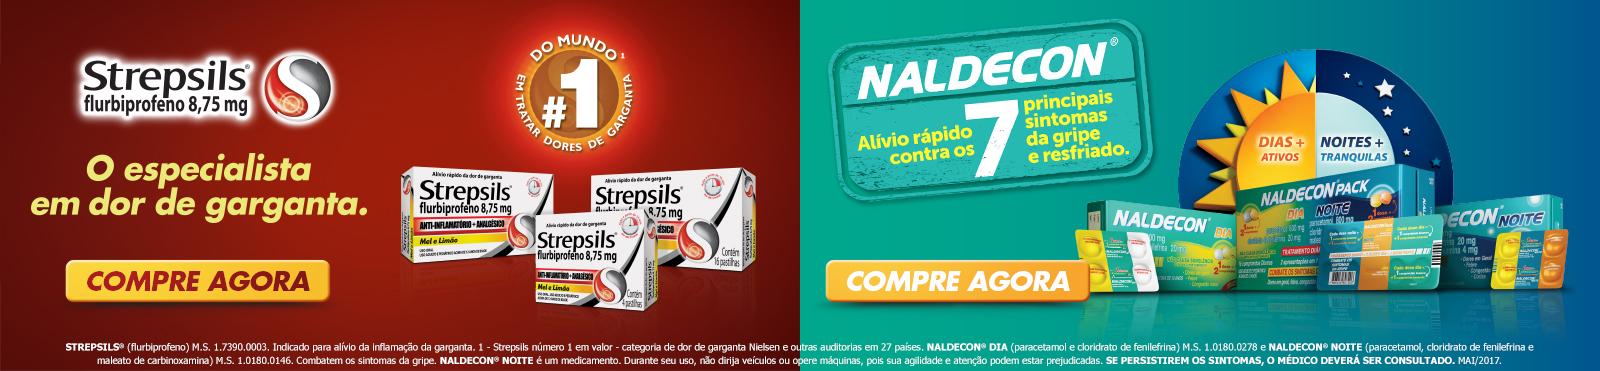 naldecon-strepsyls